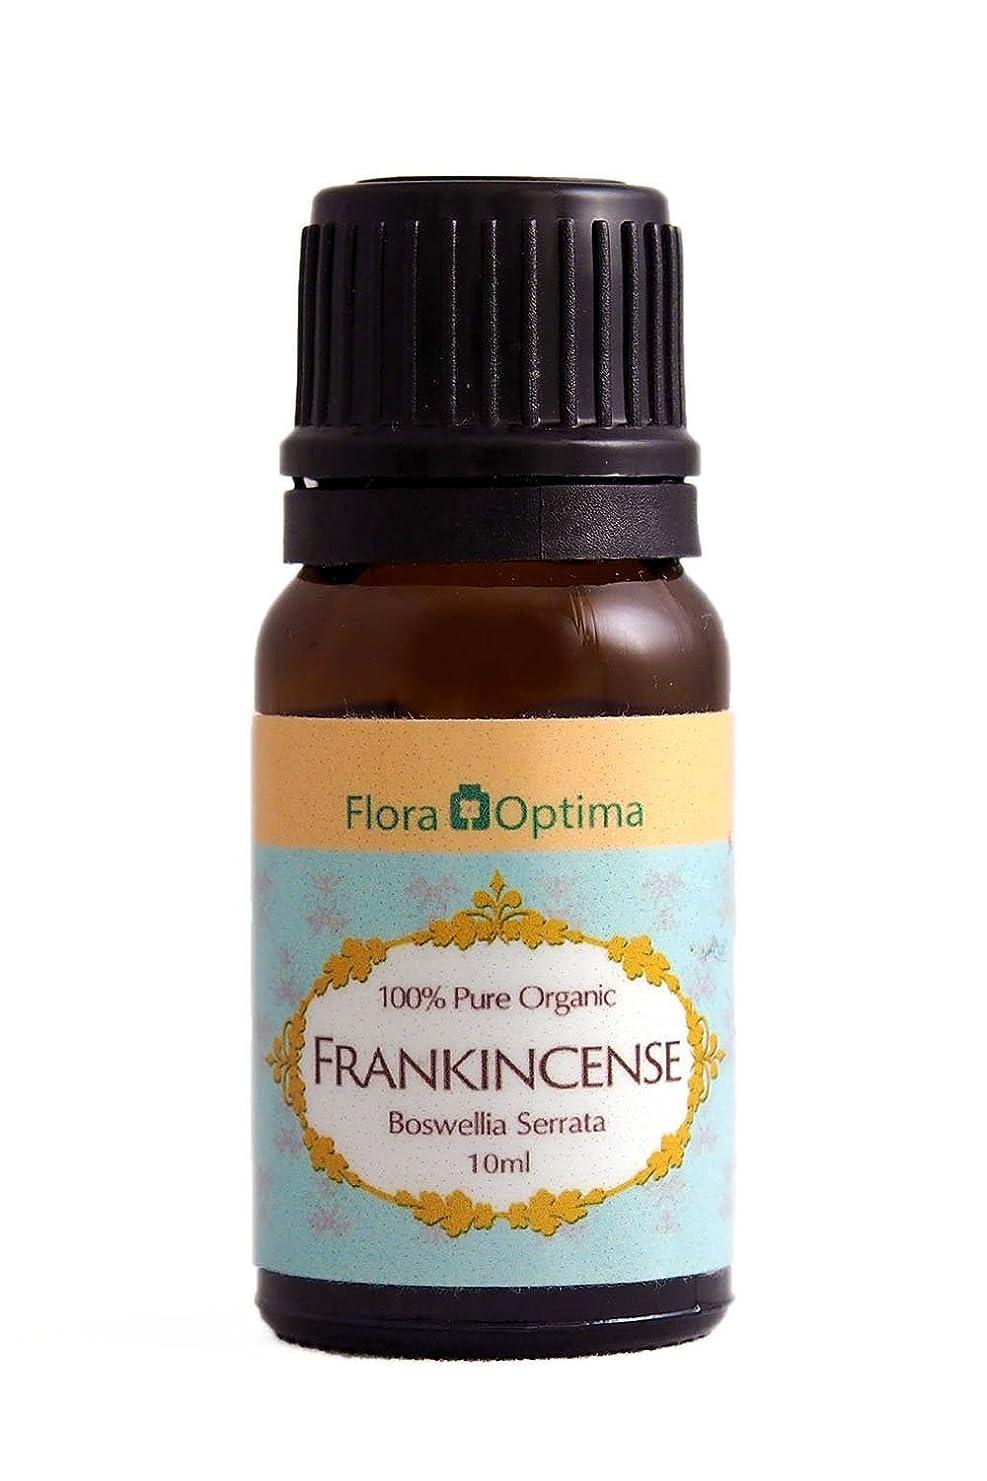 オーガニック?フランキンセンスオイル(Frankincense Oil) - 10ml -